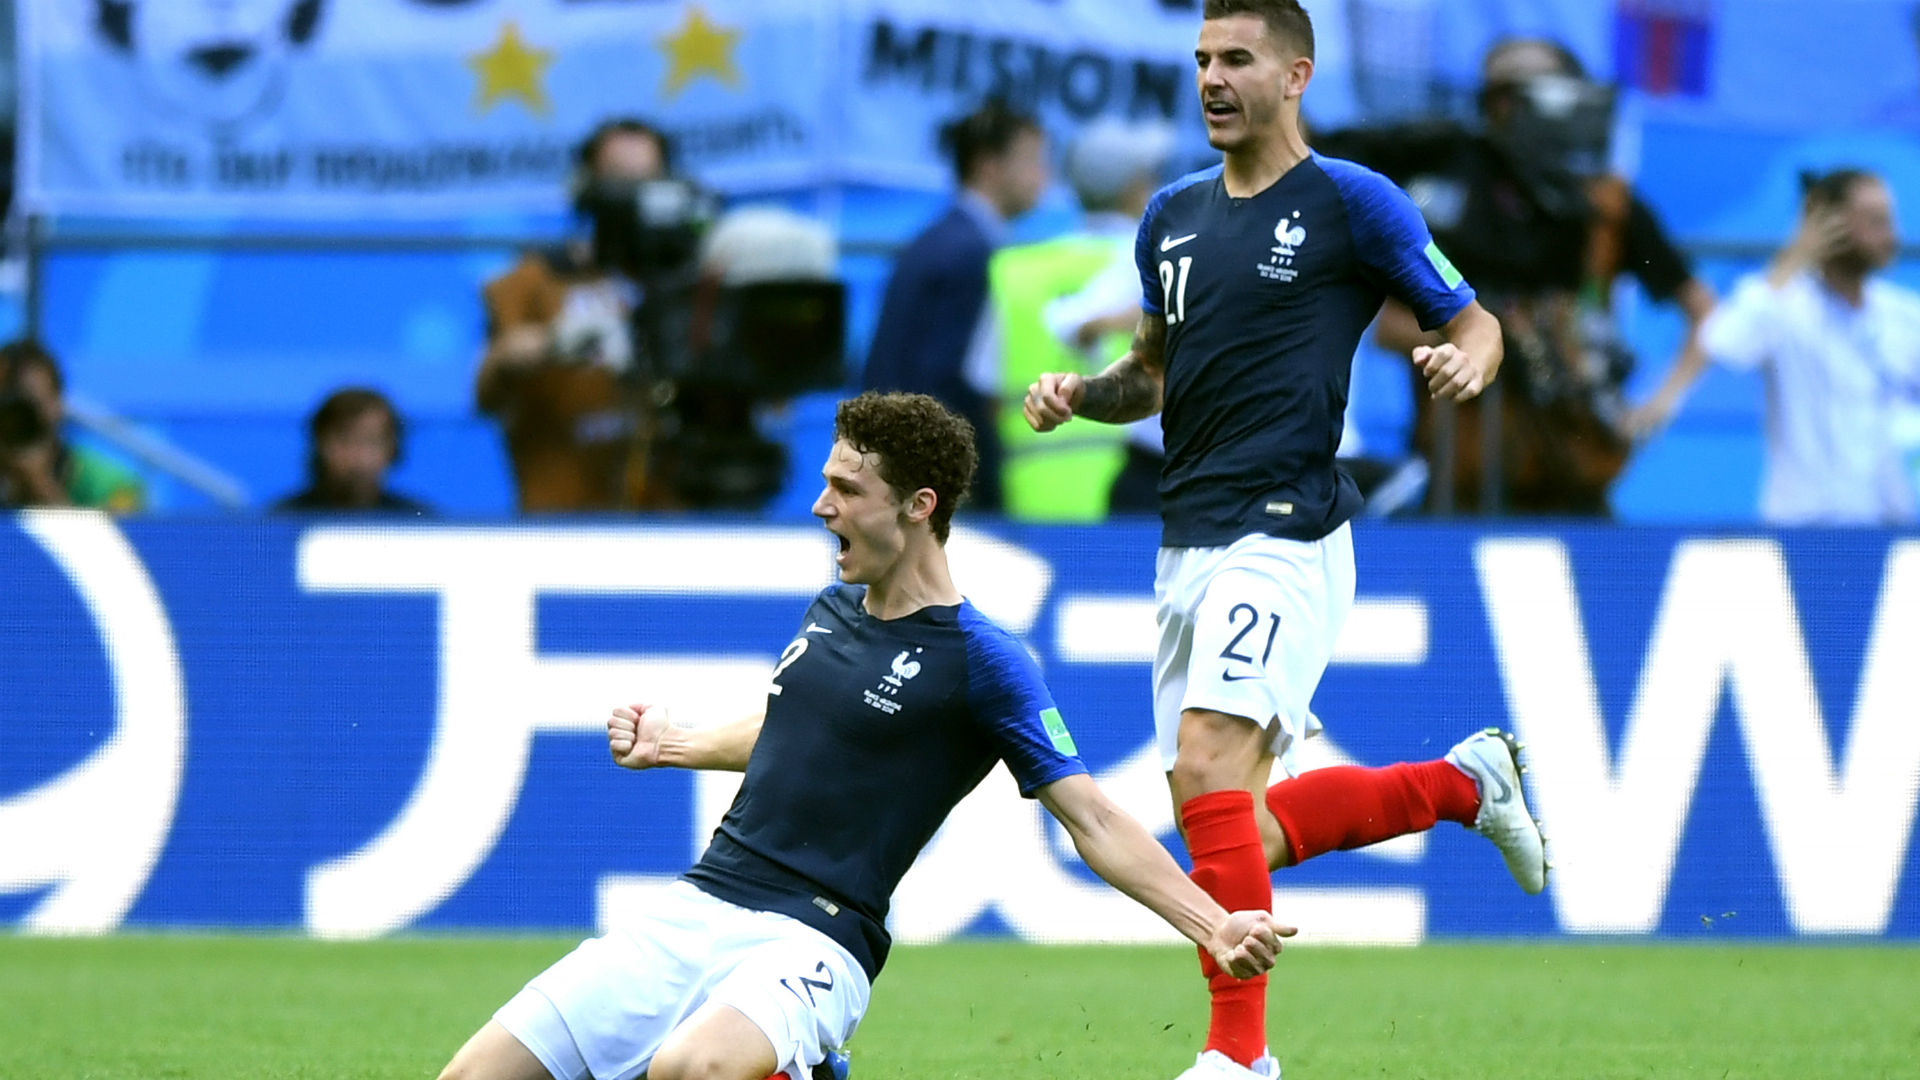 Image result for ชมปาวาร์ซัดงามหยดเกมฝรั่งเศสเชือดอาร์เจนตินา 4-3